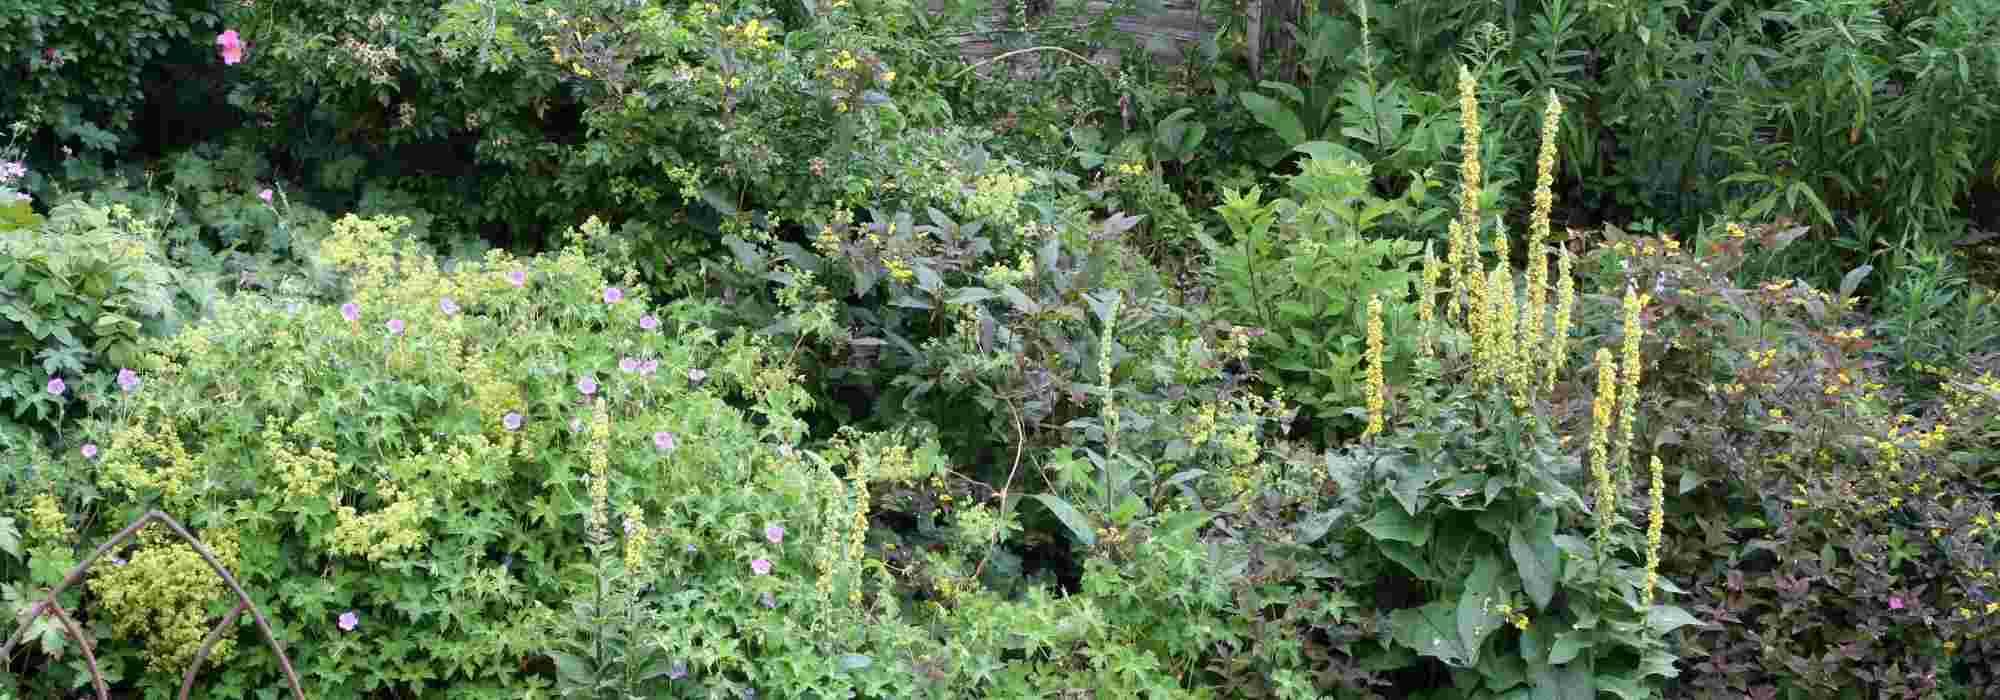 Comment Aménager Un Jardin En Pente ? Nos Conseils destiné Amanagement Jardin En Pente